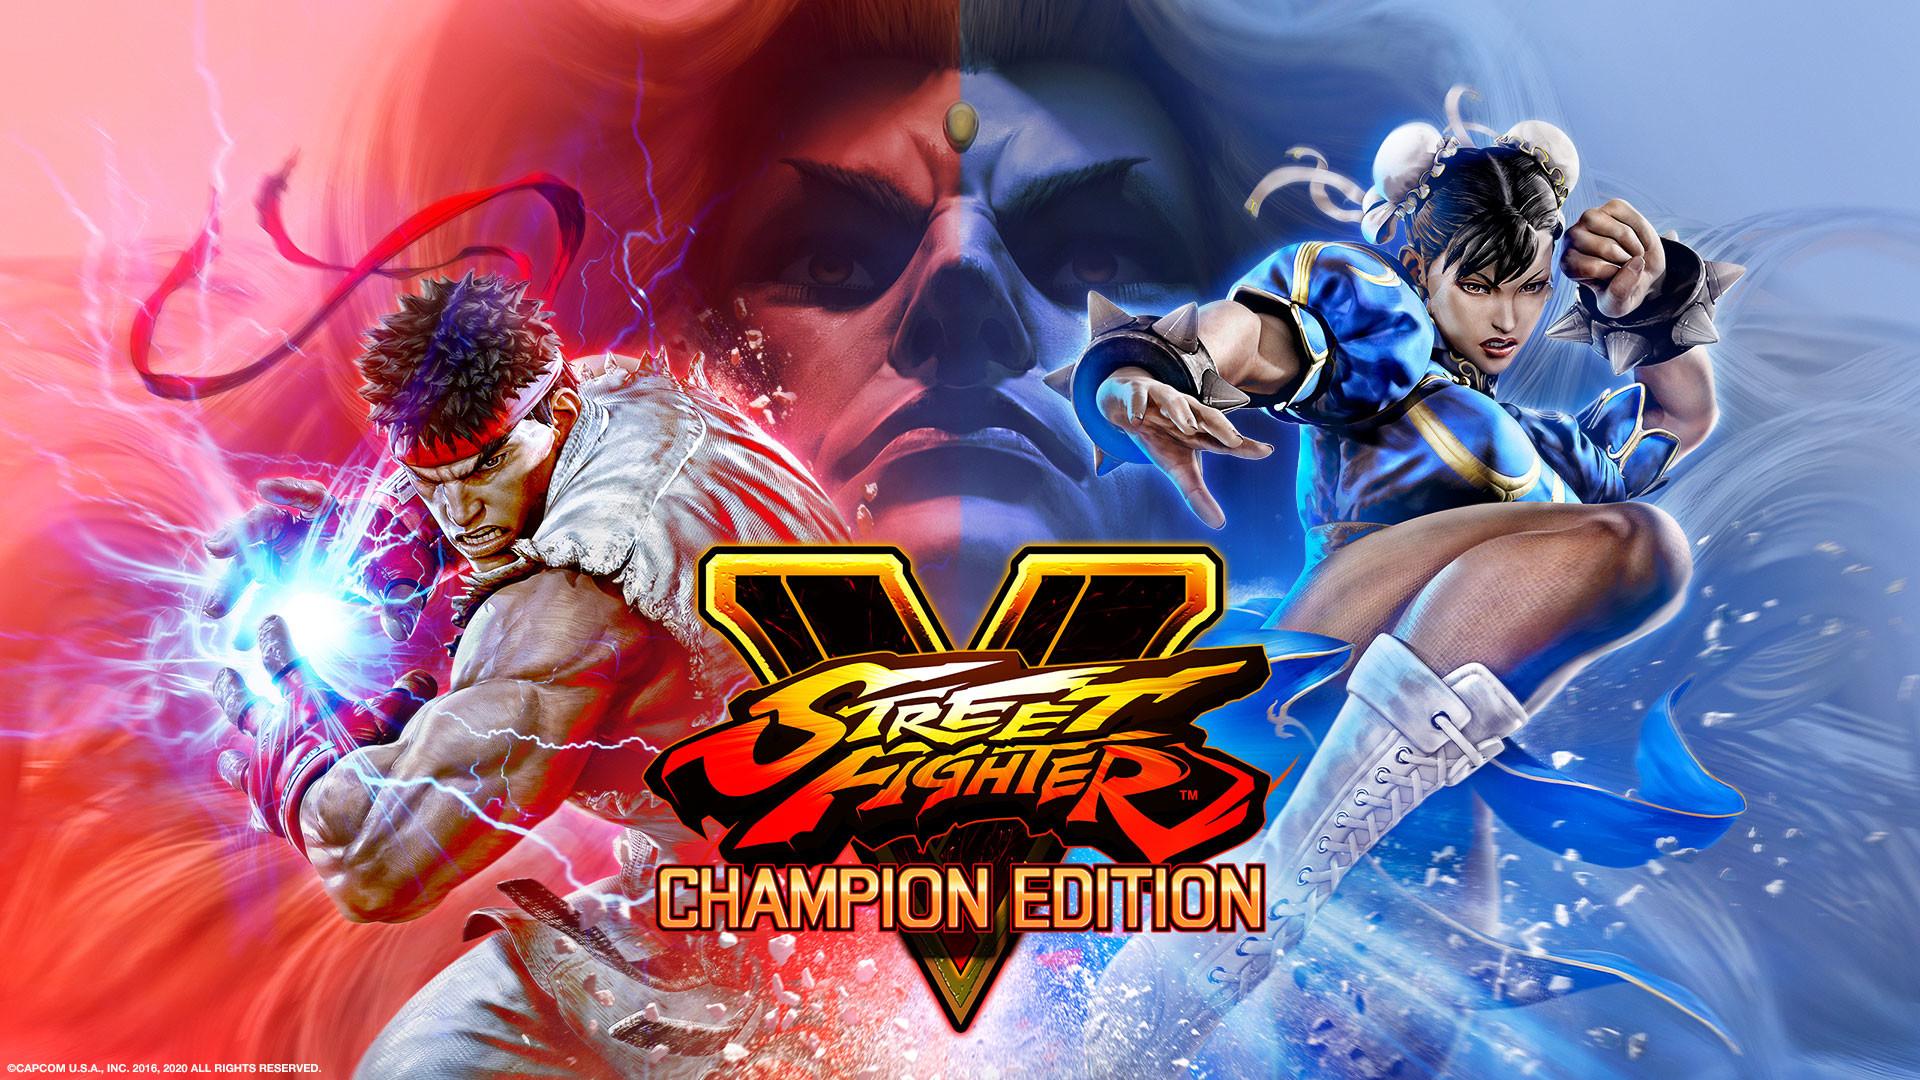 街头霸王5:冠军版Street Fighter V插图4